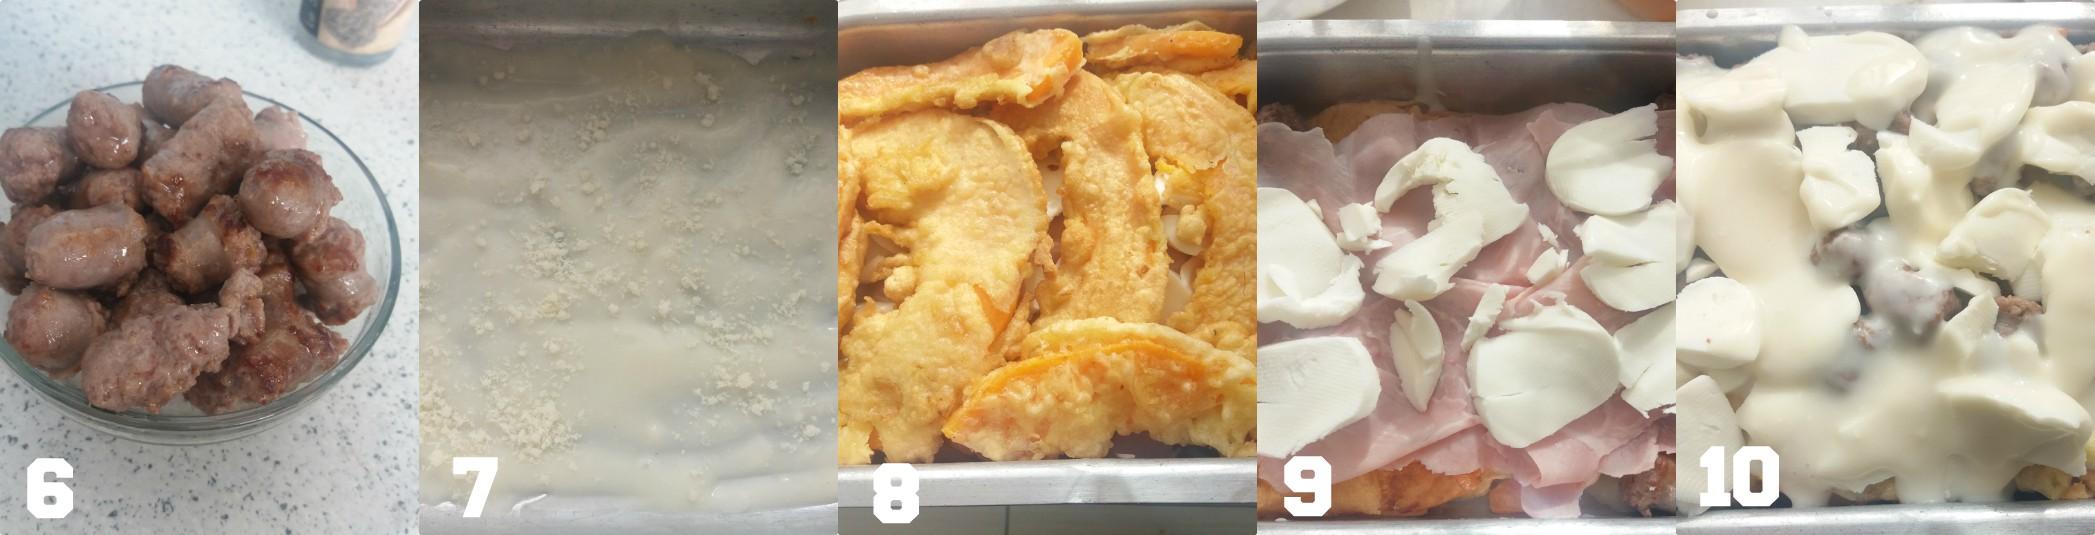 Parmigiana di zucca in pastella fritta e salsiccia